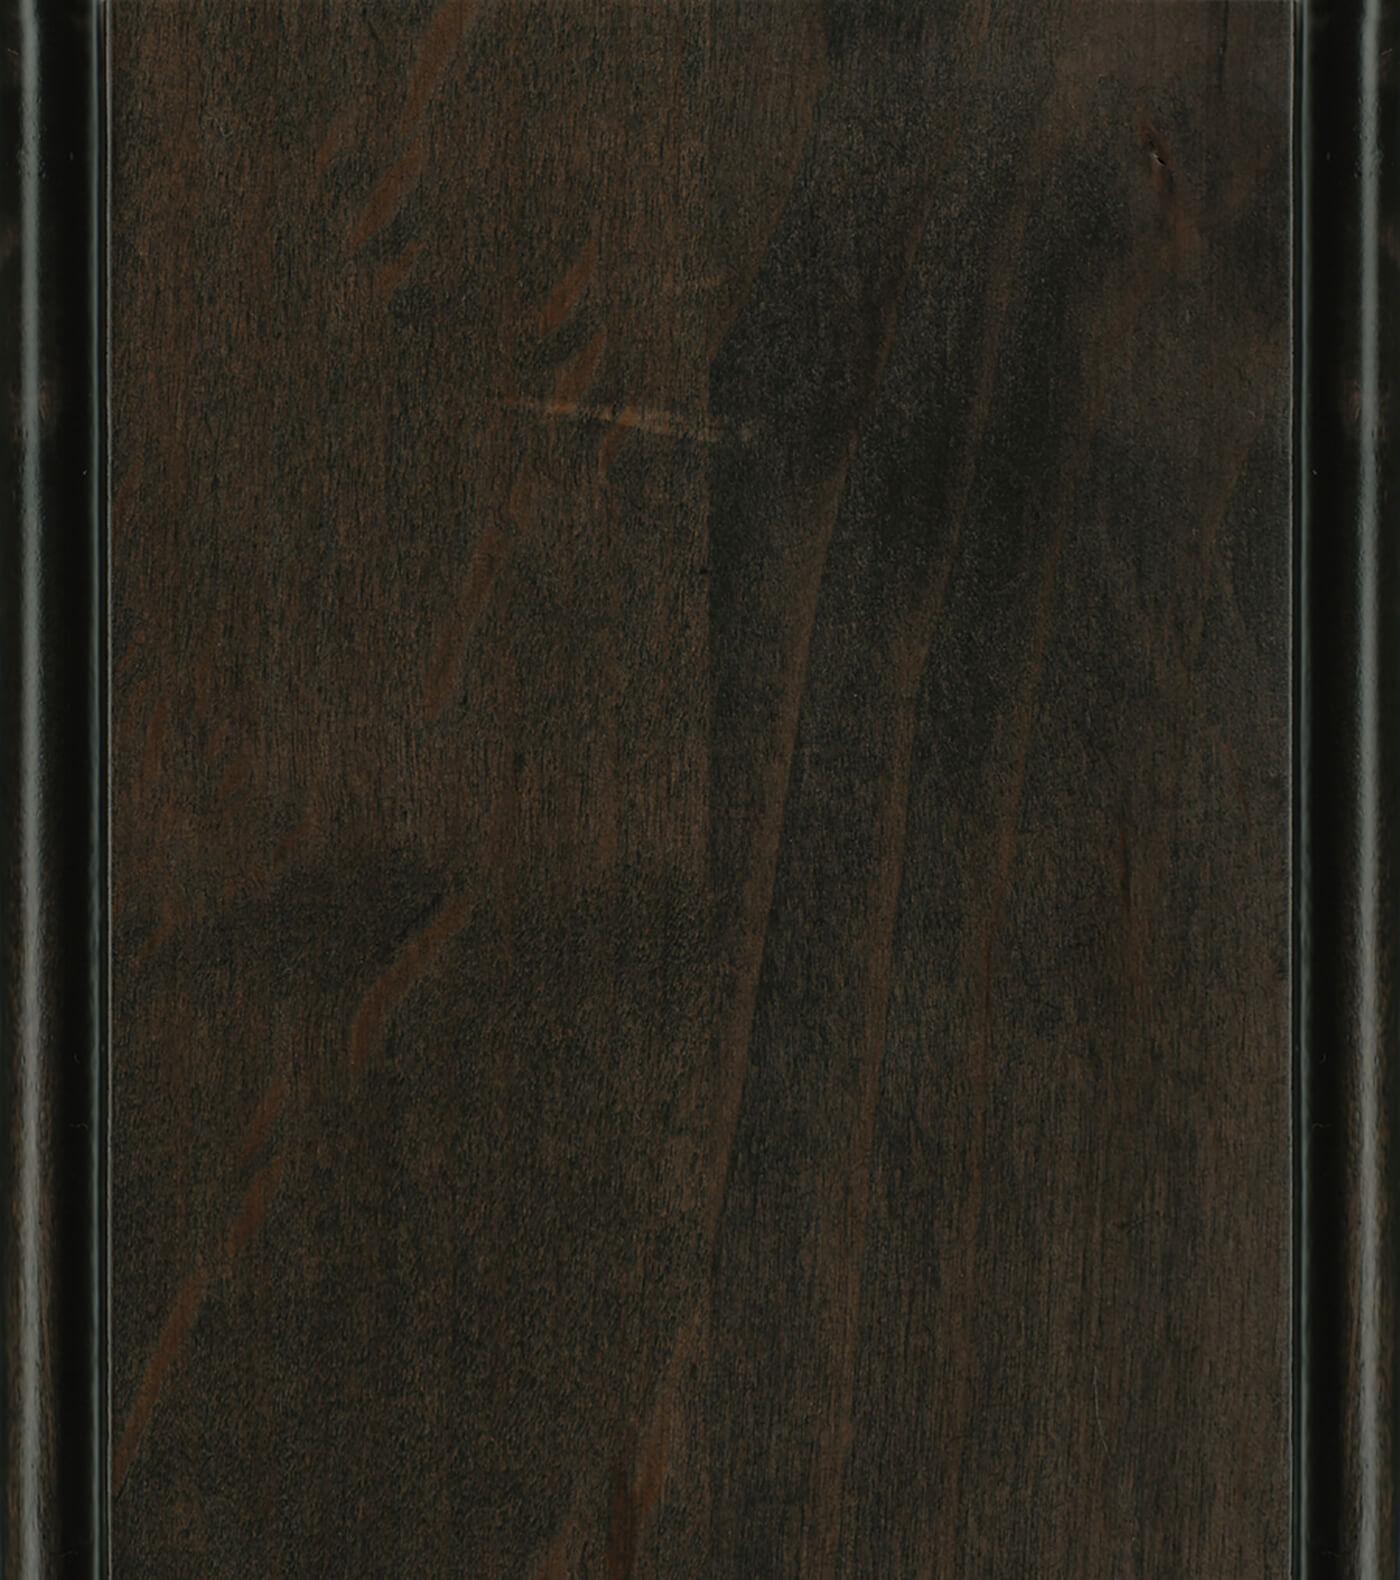 Caraway / Charcoal Glaze Stain/Glaze on Knotty Alder